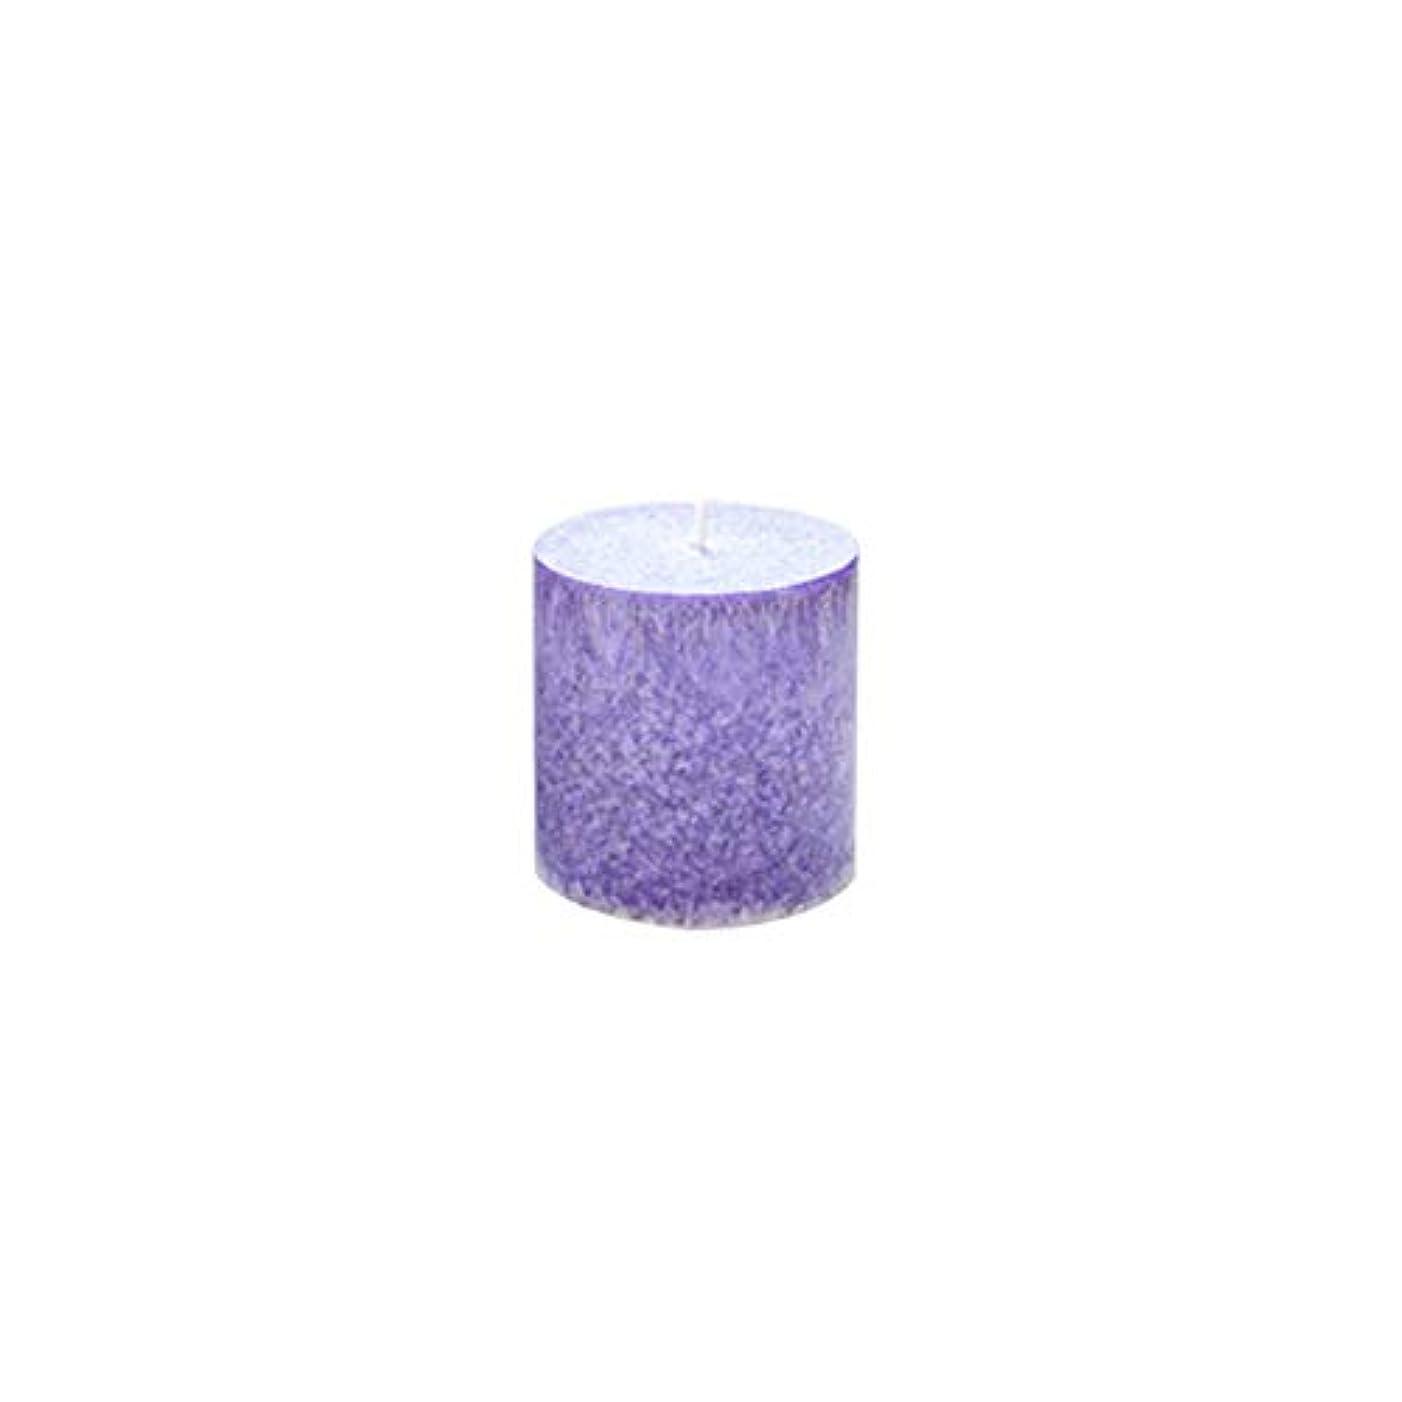 操縦するコジオスコ適応するRakuby 香料入り 蝋燭 ロマンチック 紫色 ラベンダー アロマ療法 柱 蝋燭 祝祭 結婚祝い 無煙蝋燭